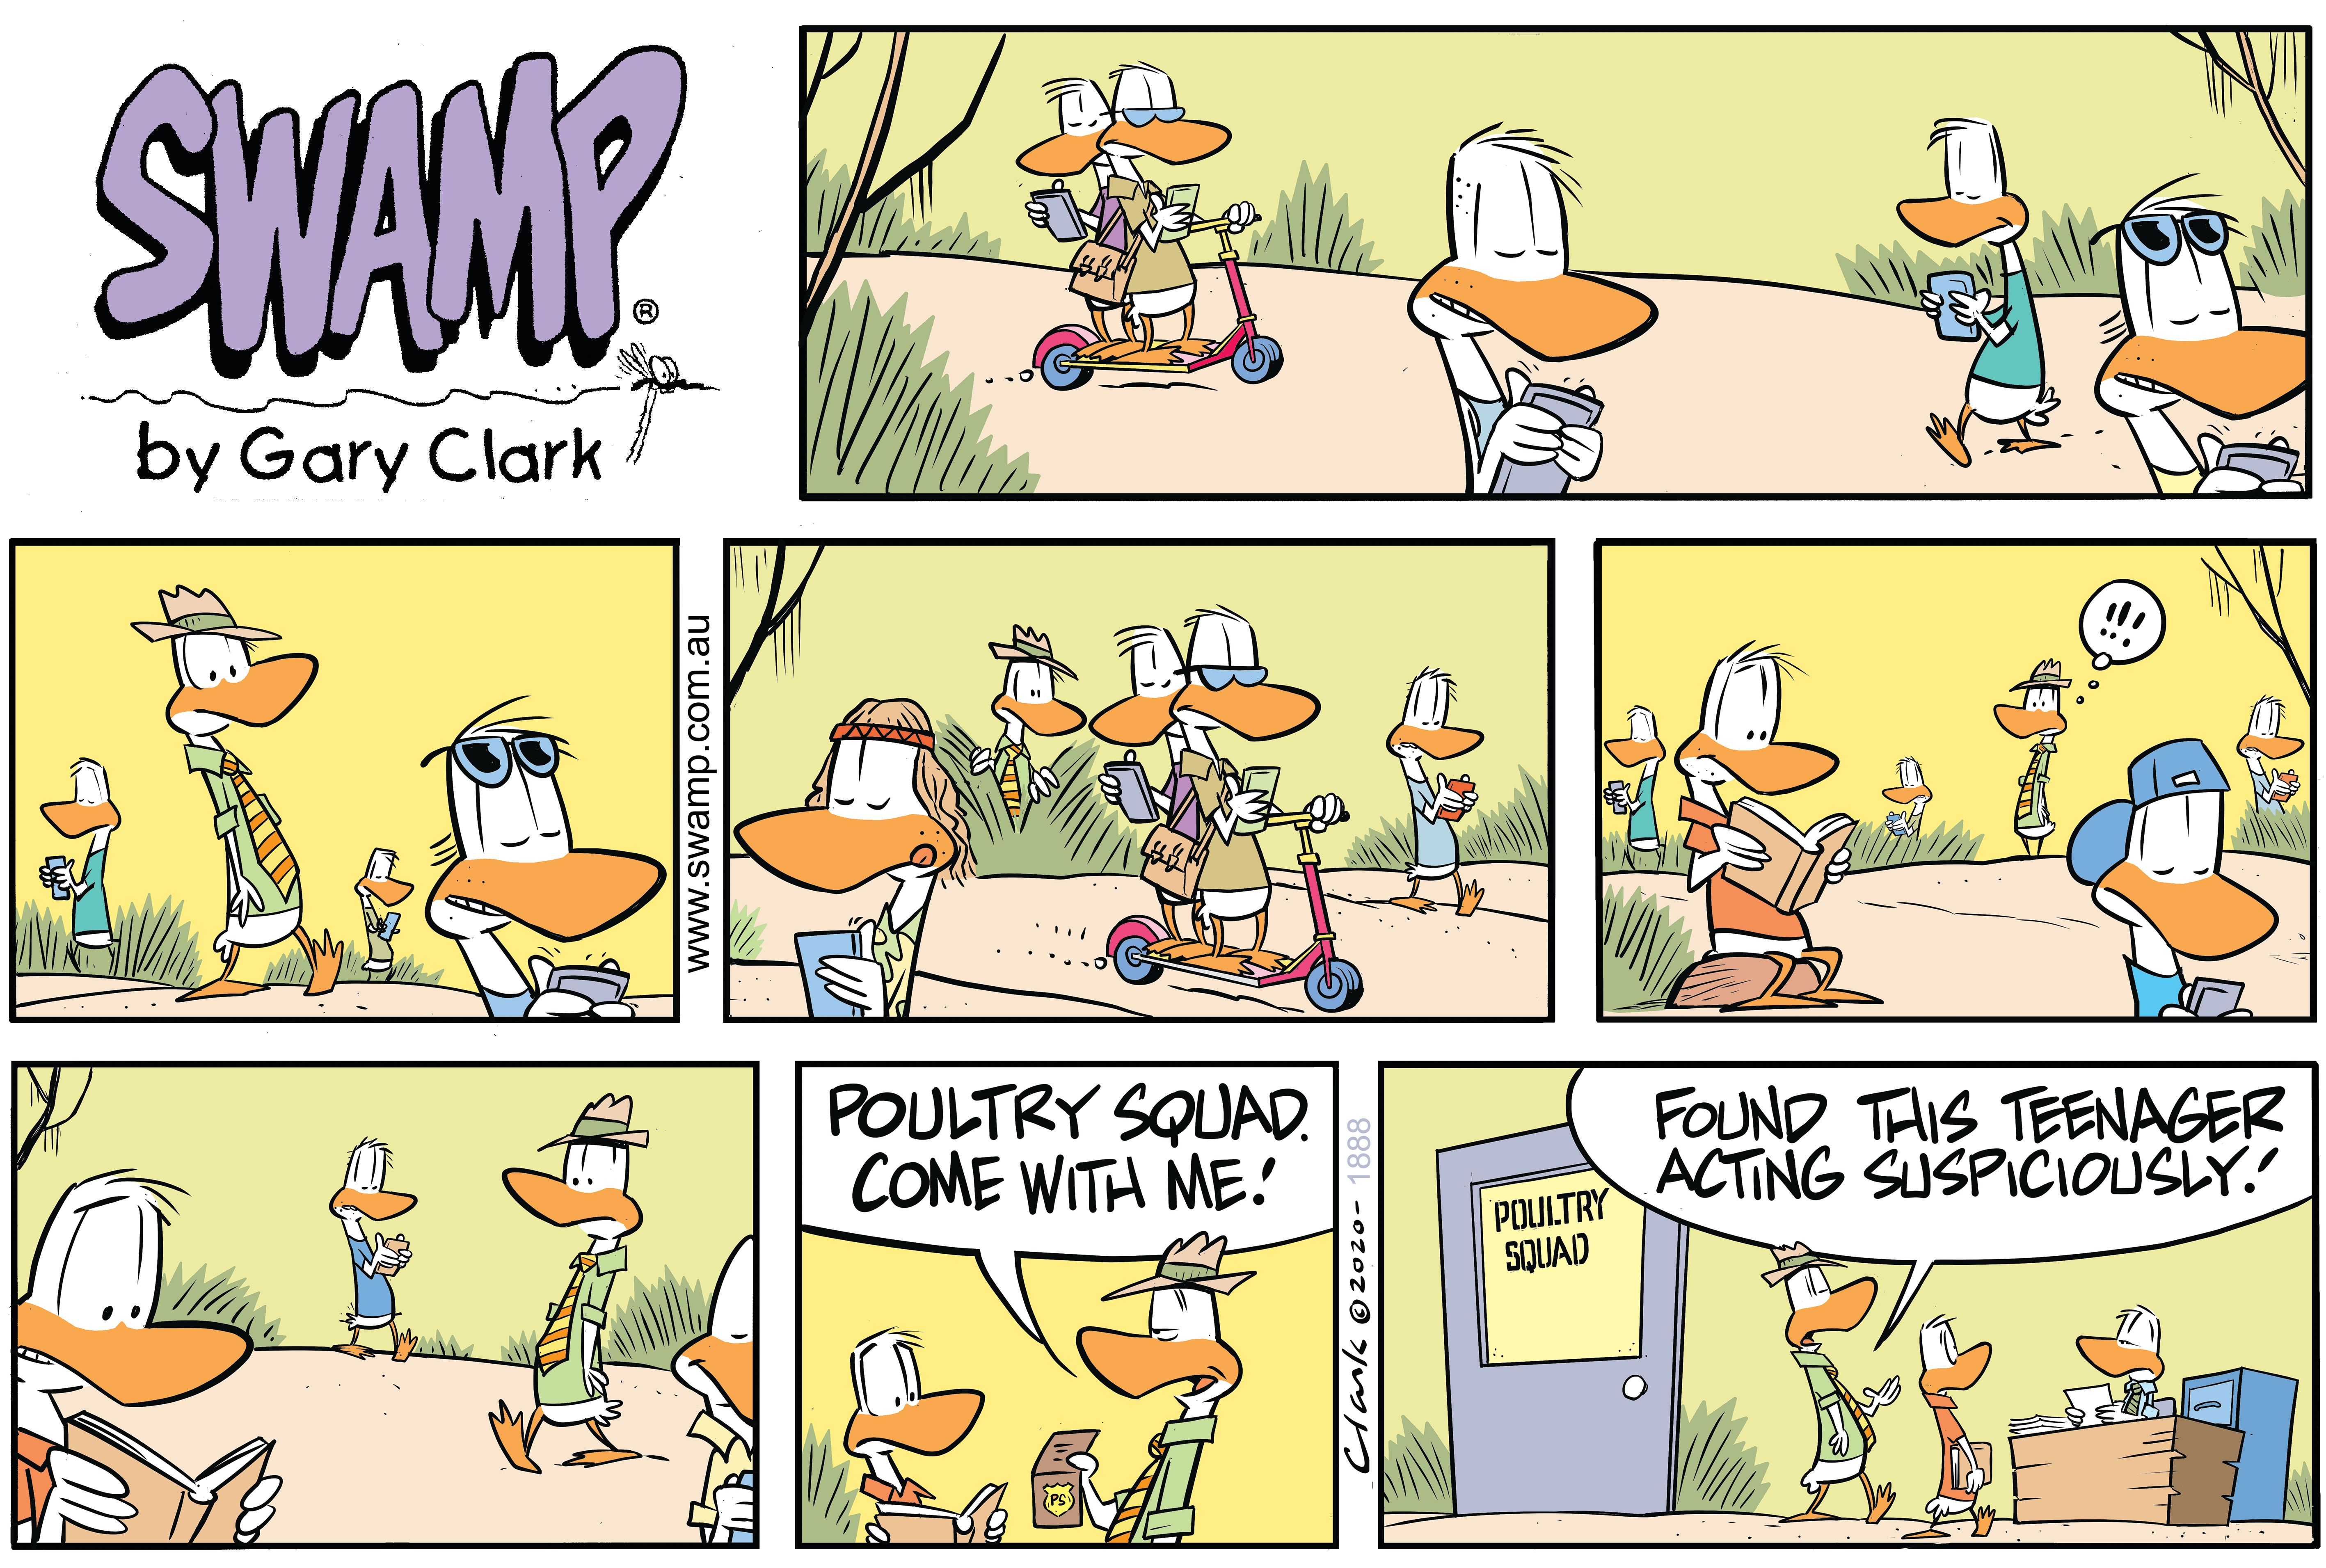 Poultry Squad Has Suspicions